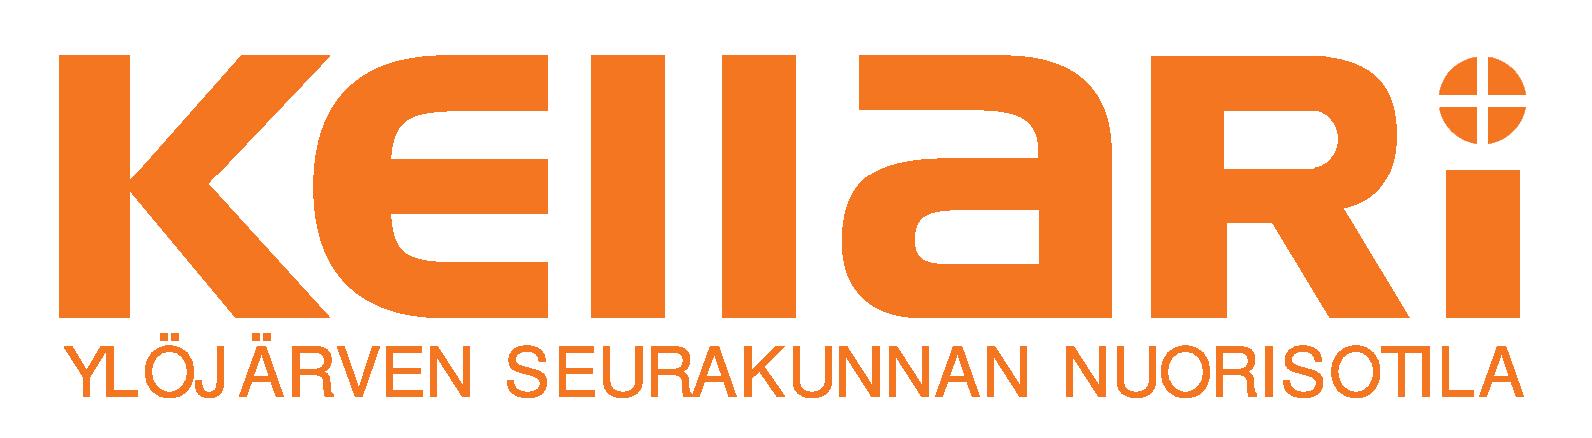 Ylöjärven seurakunta